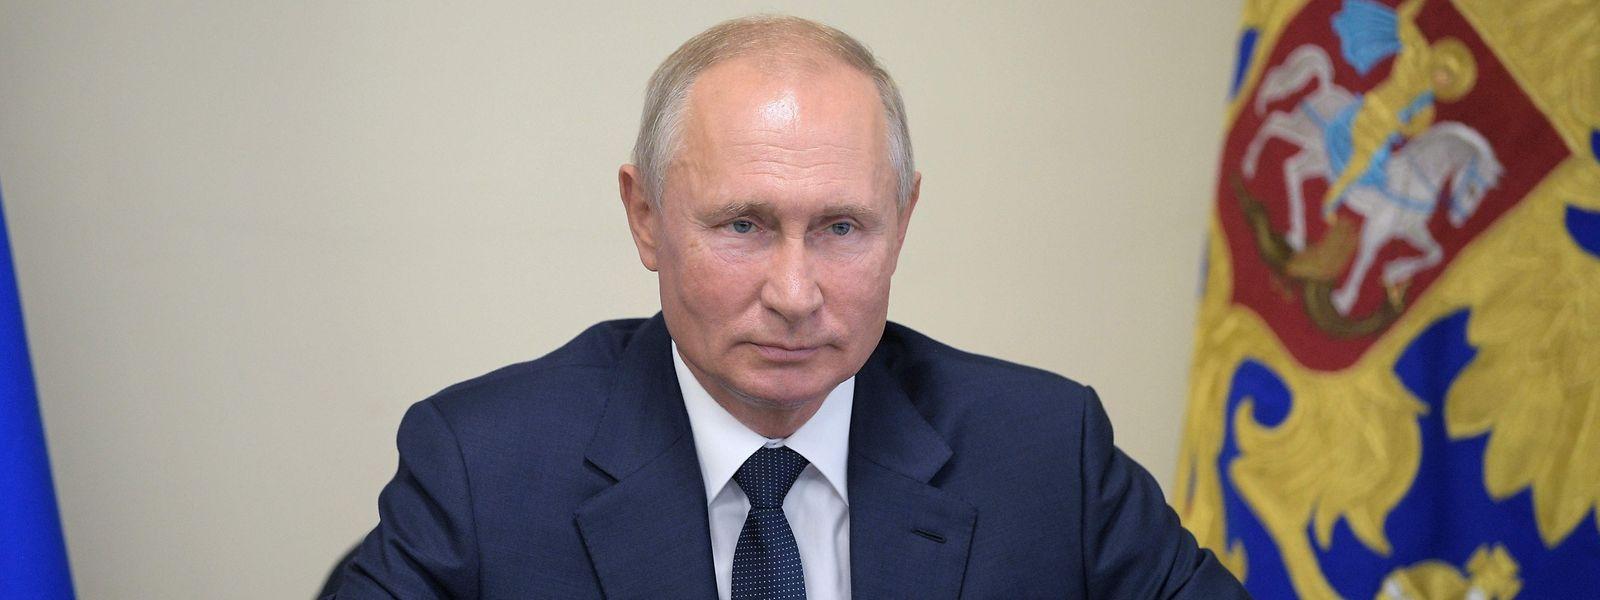 Nach Putins Verfassungsreform wird das Klima für Lesben, Schwule, Bisexuelle und Transgender zunehmend unerträglich in Russland.